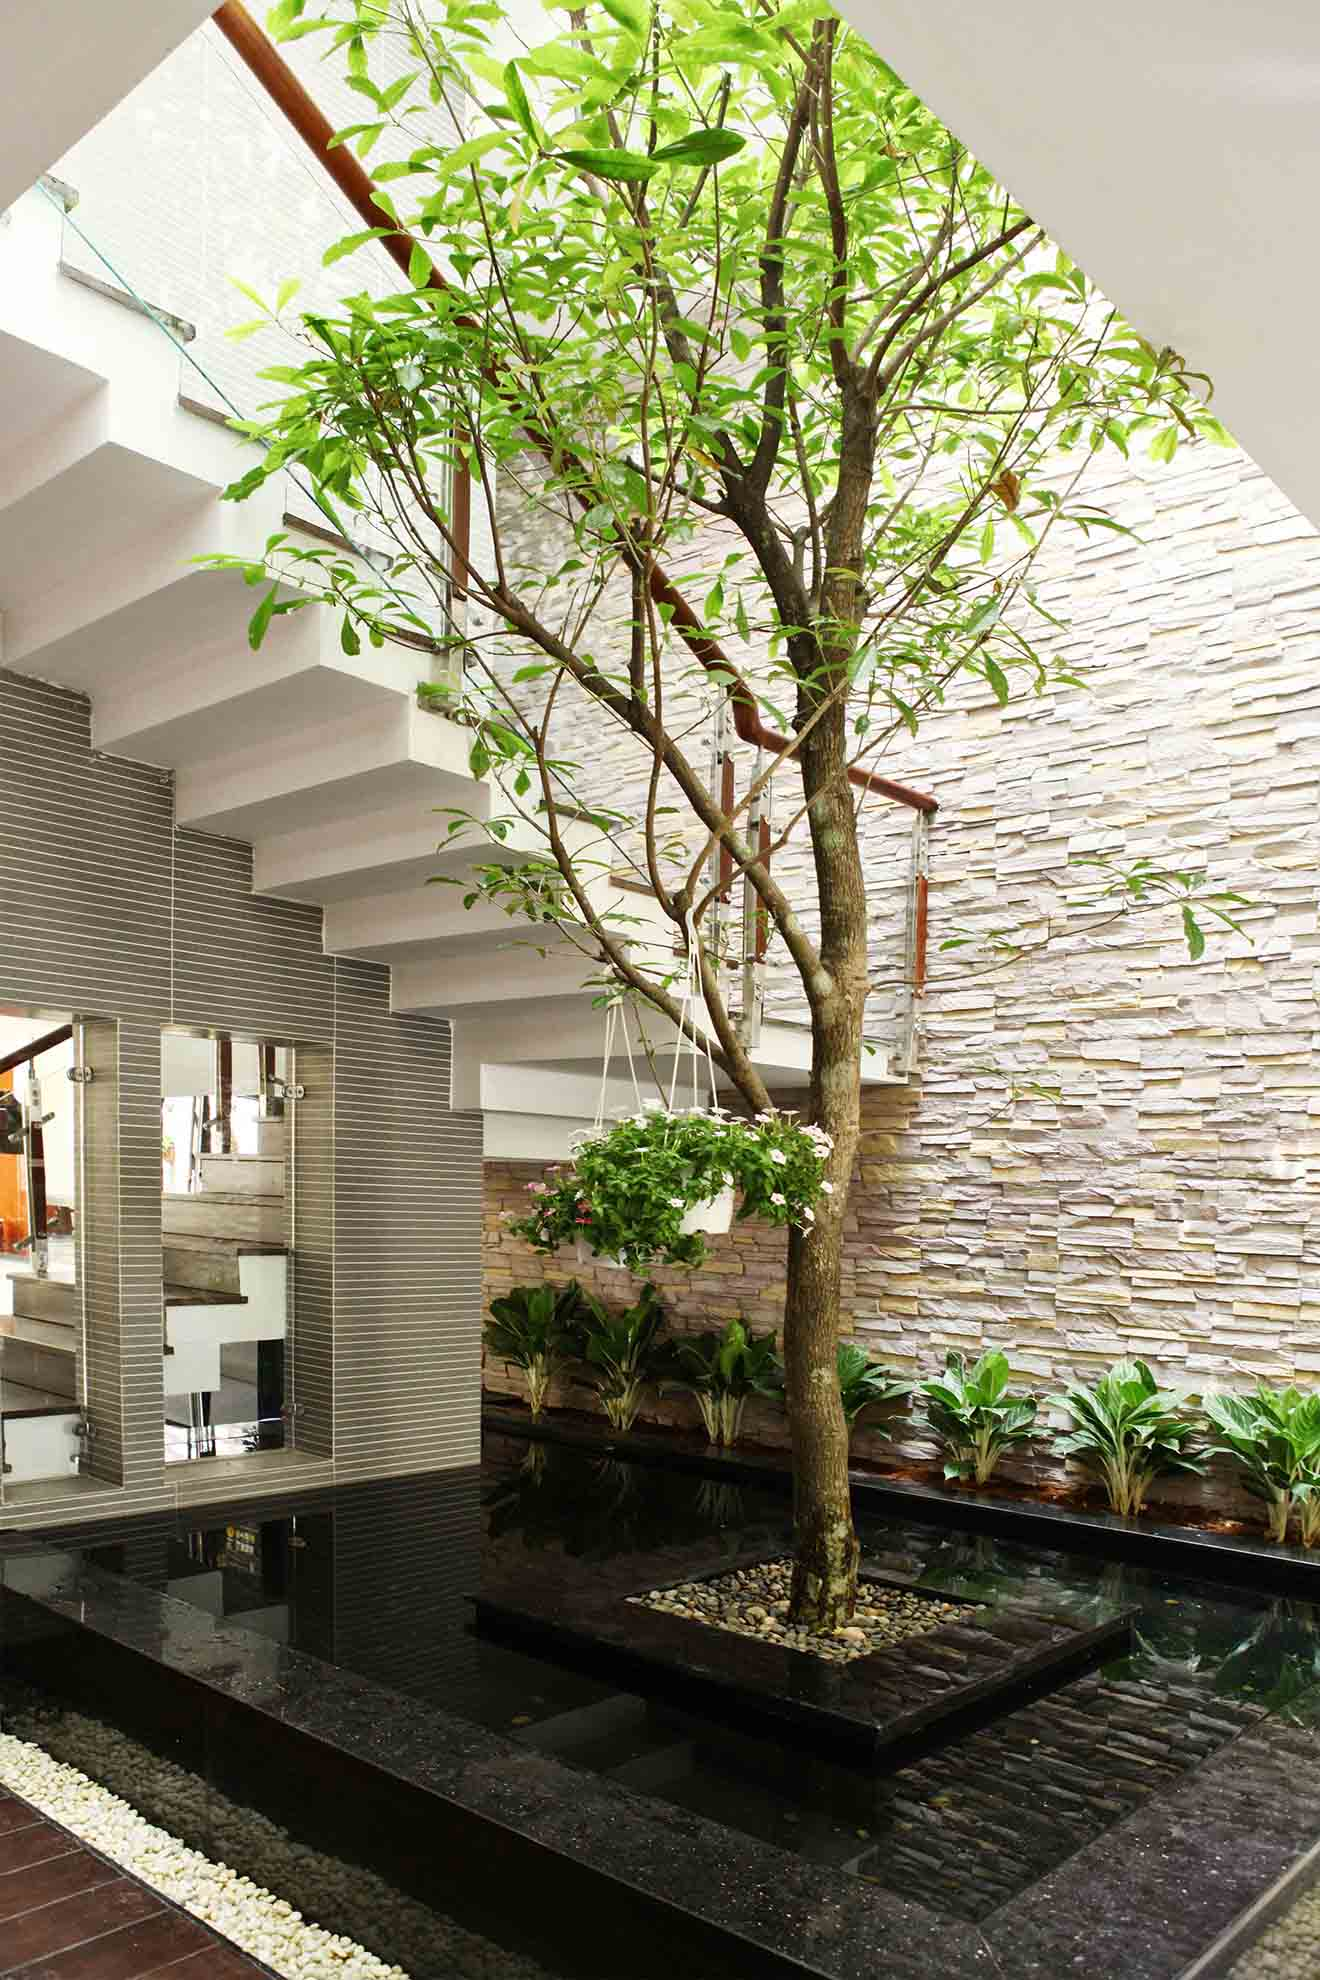 Tân Quý House